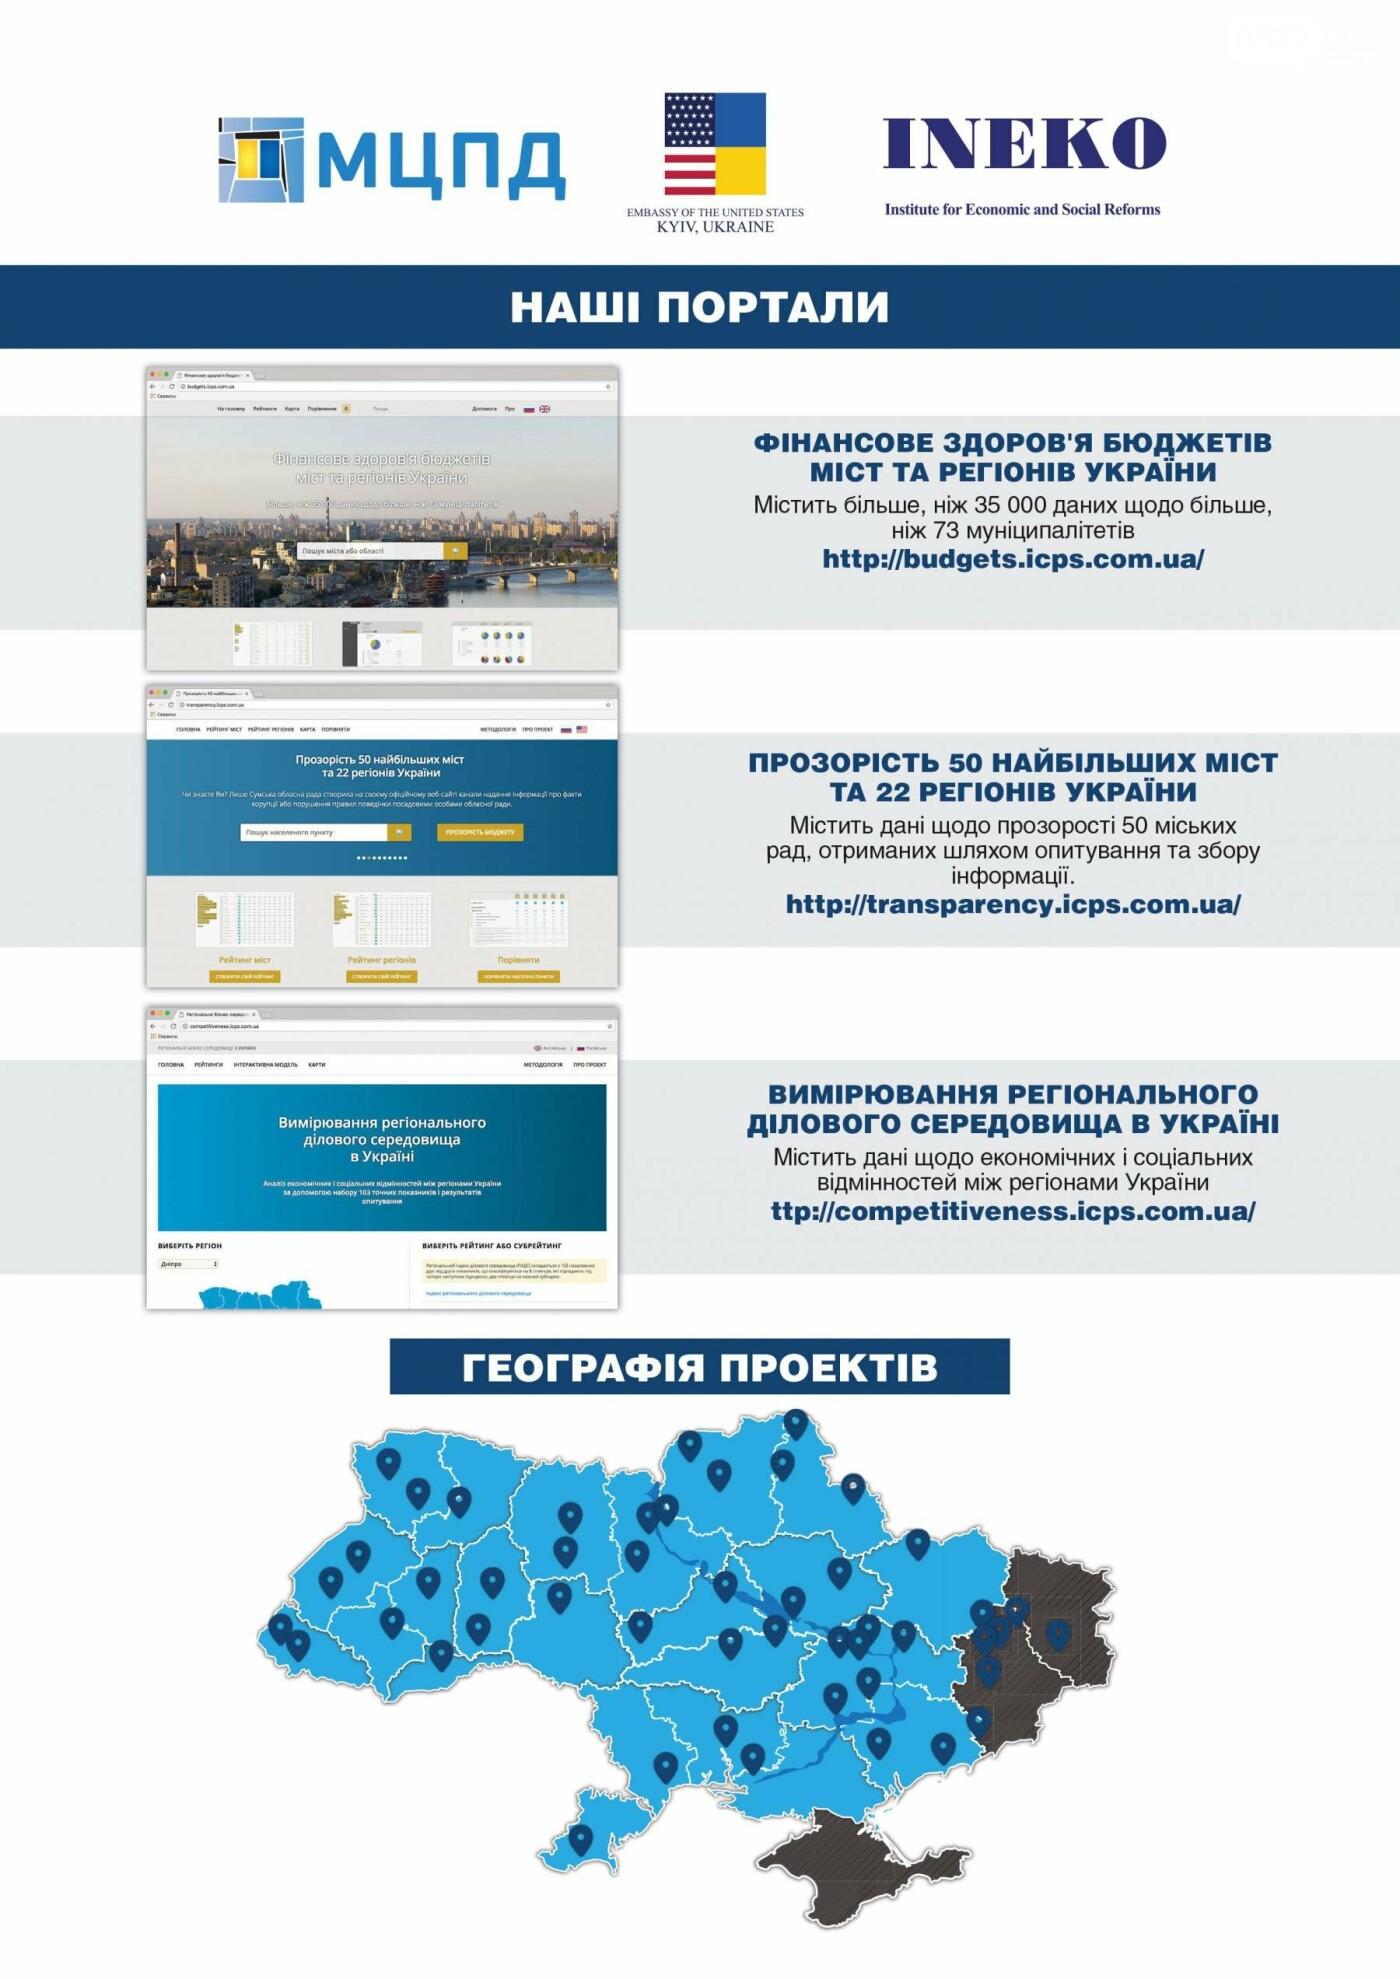 Кропивницький демонструє найкращу динаміку поліпшення фінансового здоров'я бюджетів міст та регіонів України, фото-3